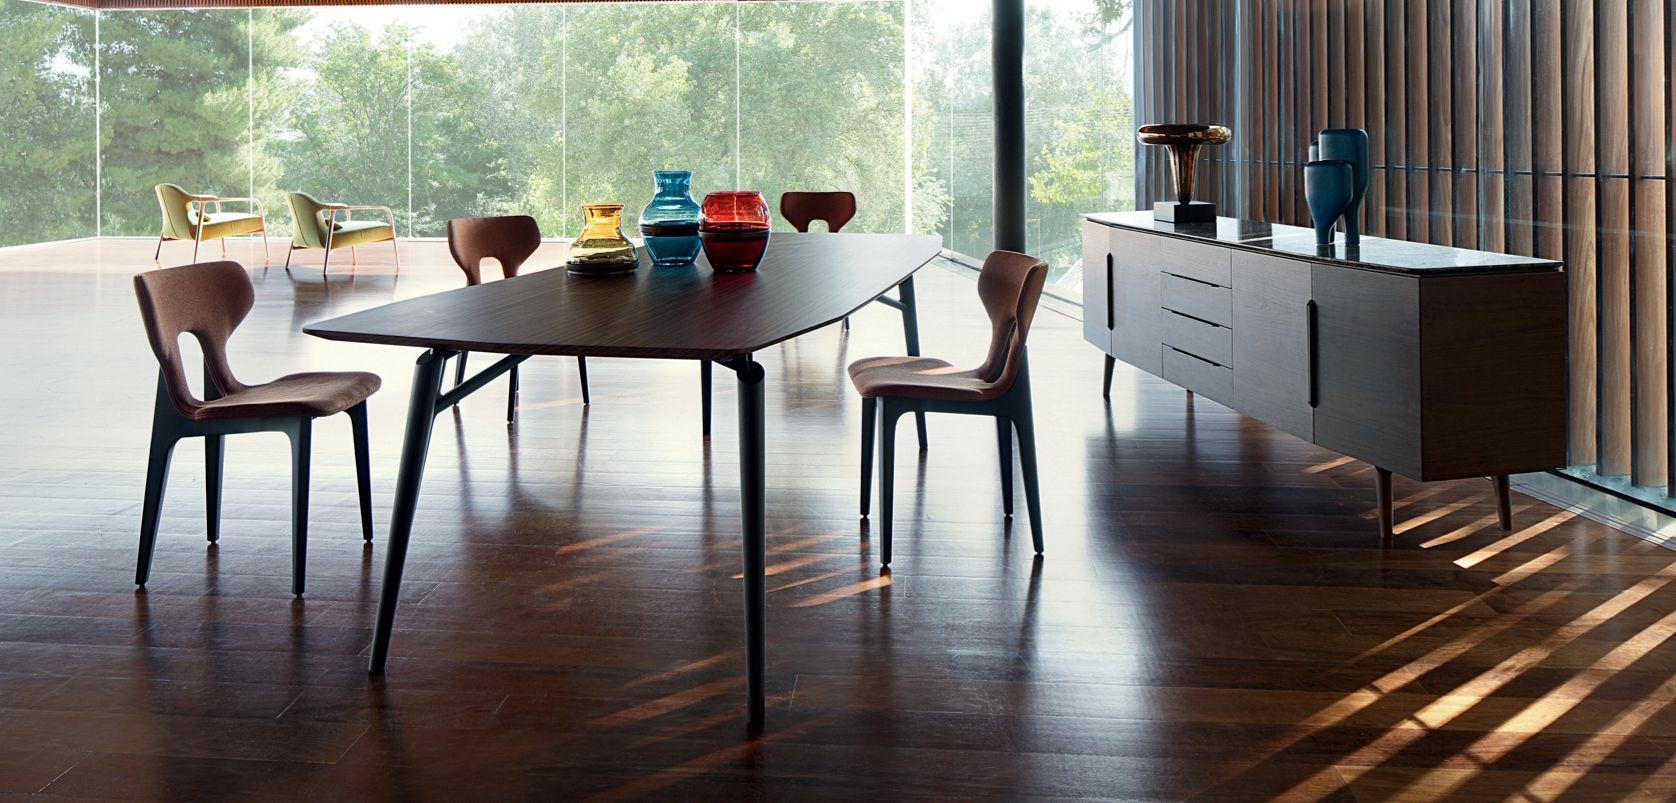 Lampe poser toupie roche bobois for Table de salle a manger la roche bobois